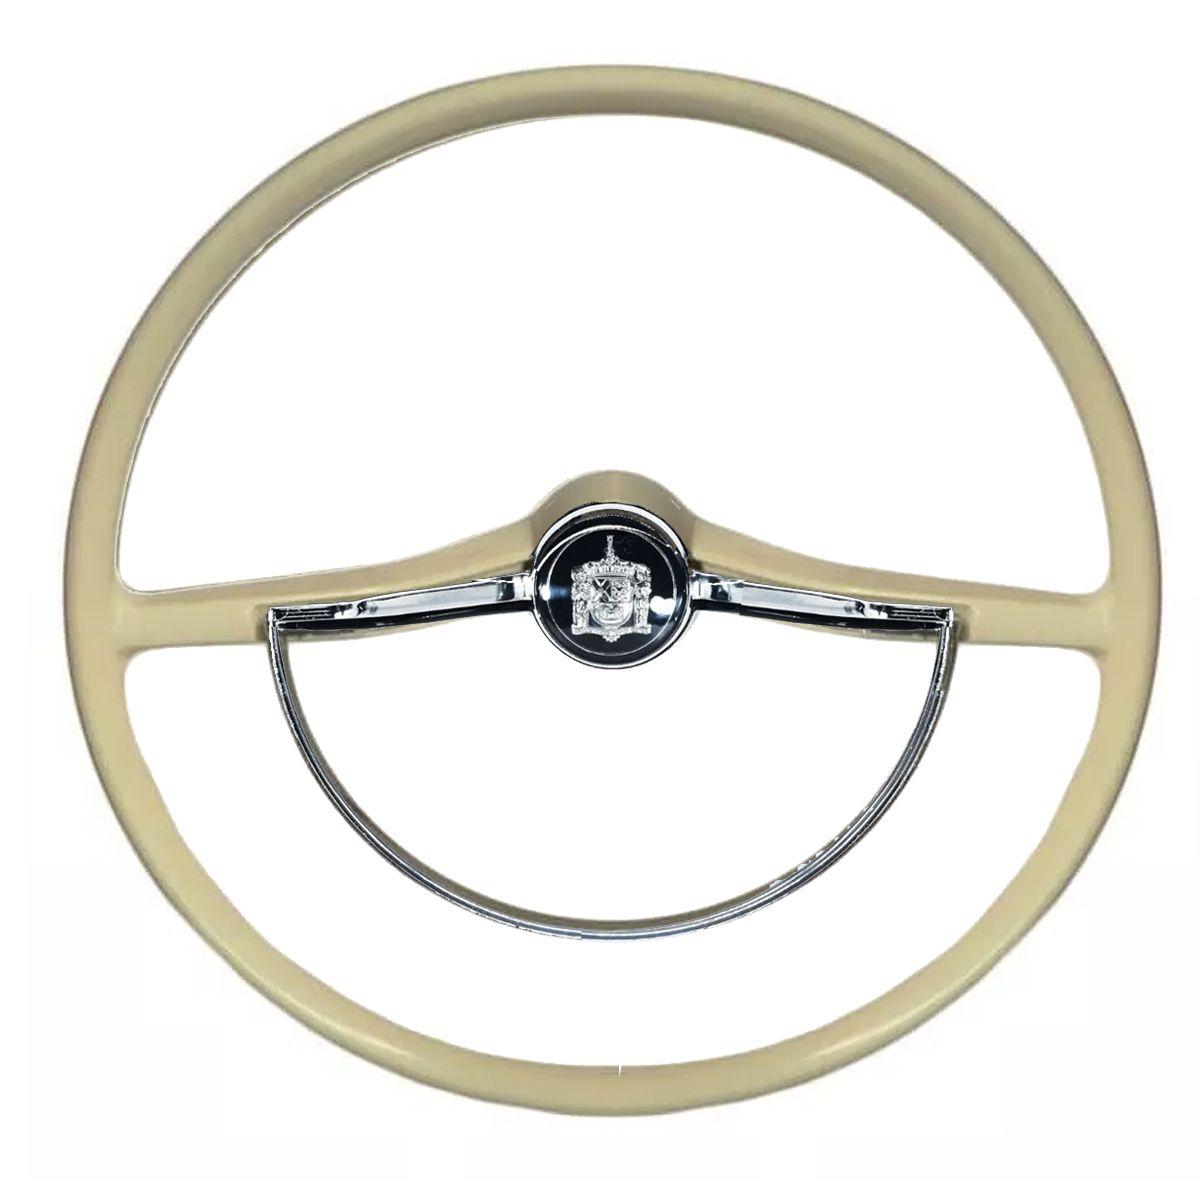 Volante para Fusca Itamar Fafa Cálice 59 até 96 Brasilia Variant Modelo Original Novo Reliquia Marfim ou Preto Volkswagen Vw